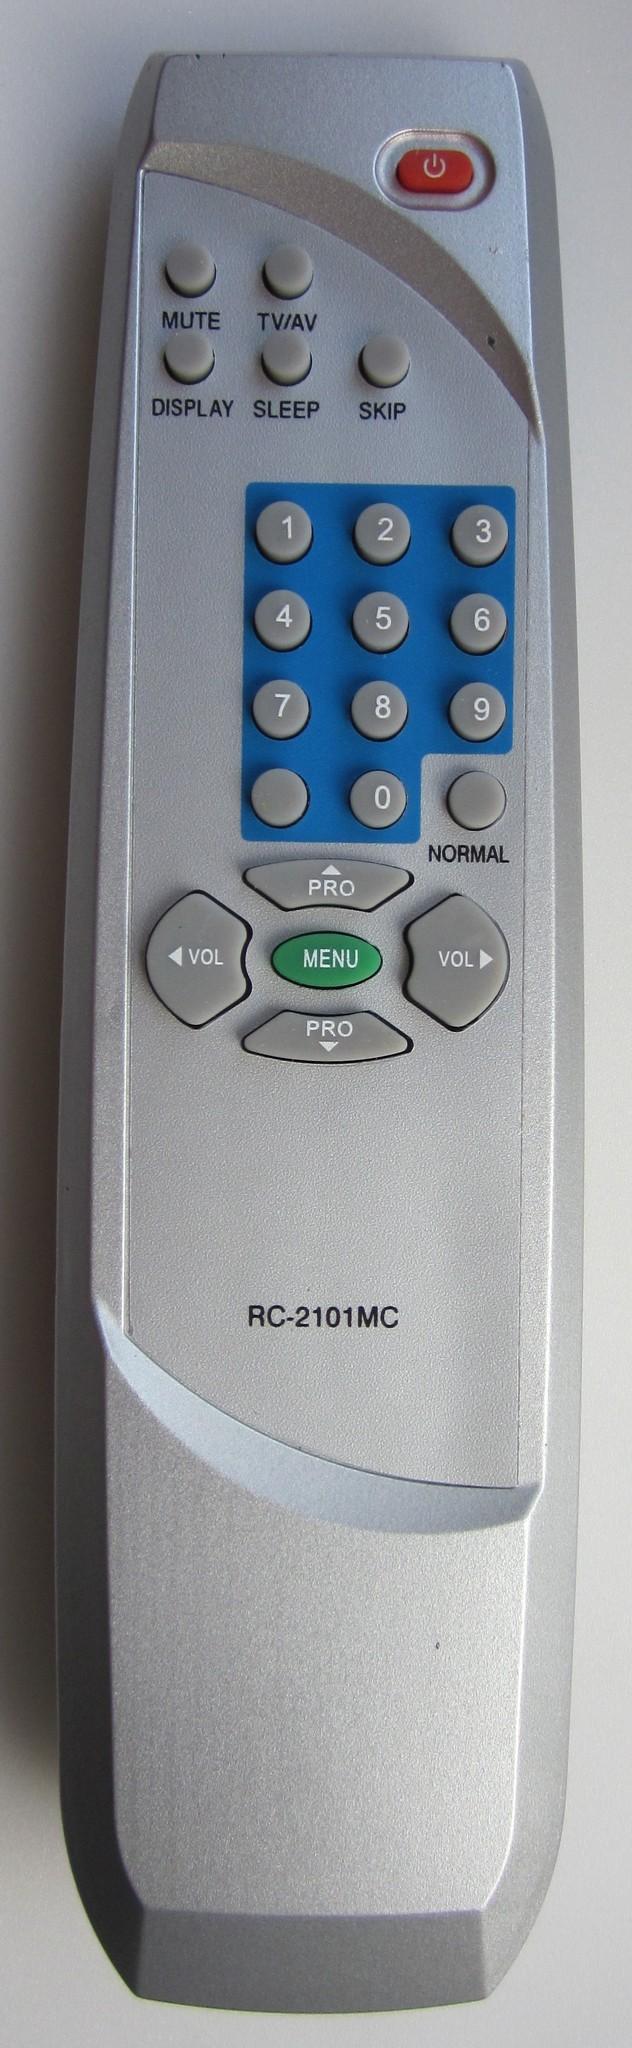 POLAR RC-2101MC (TV-14A23)